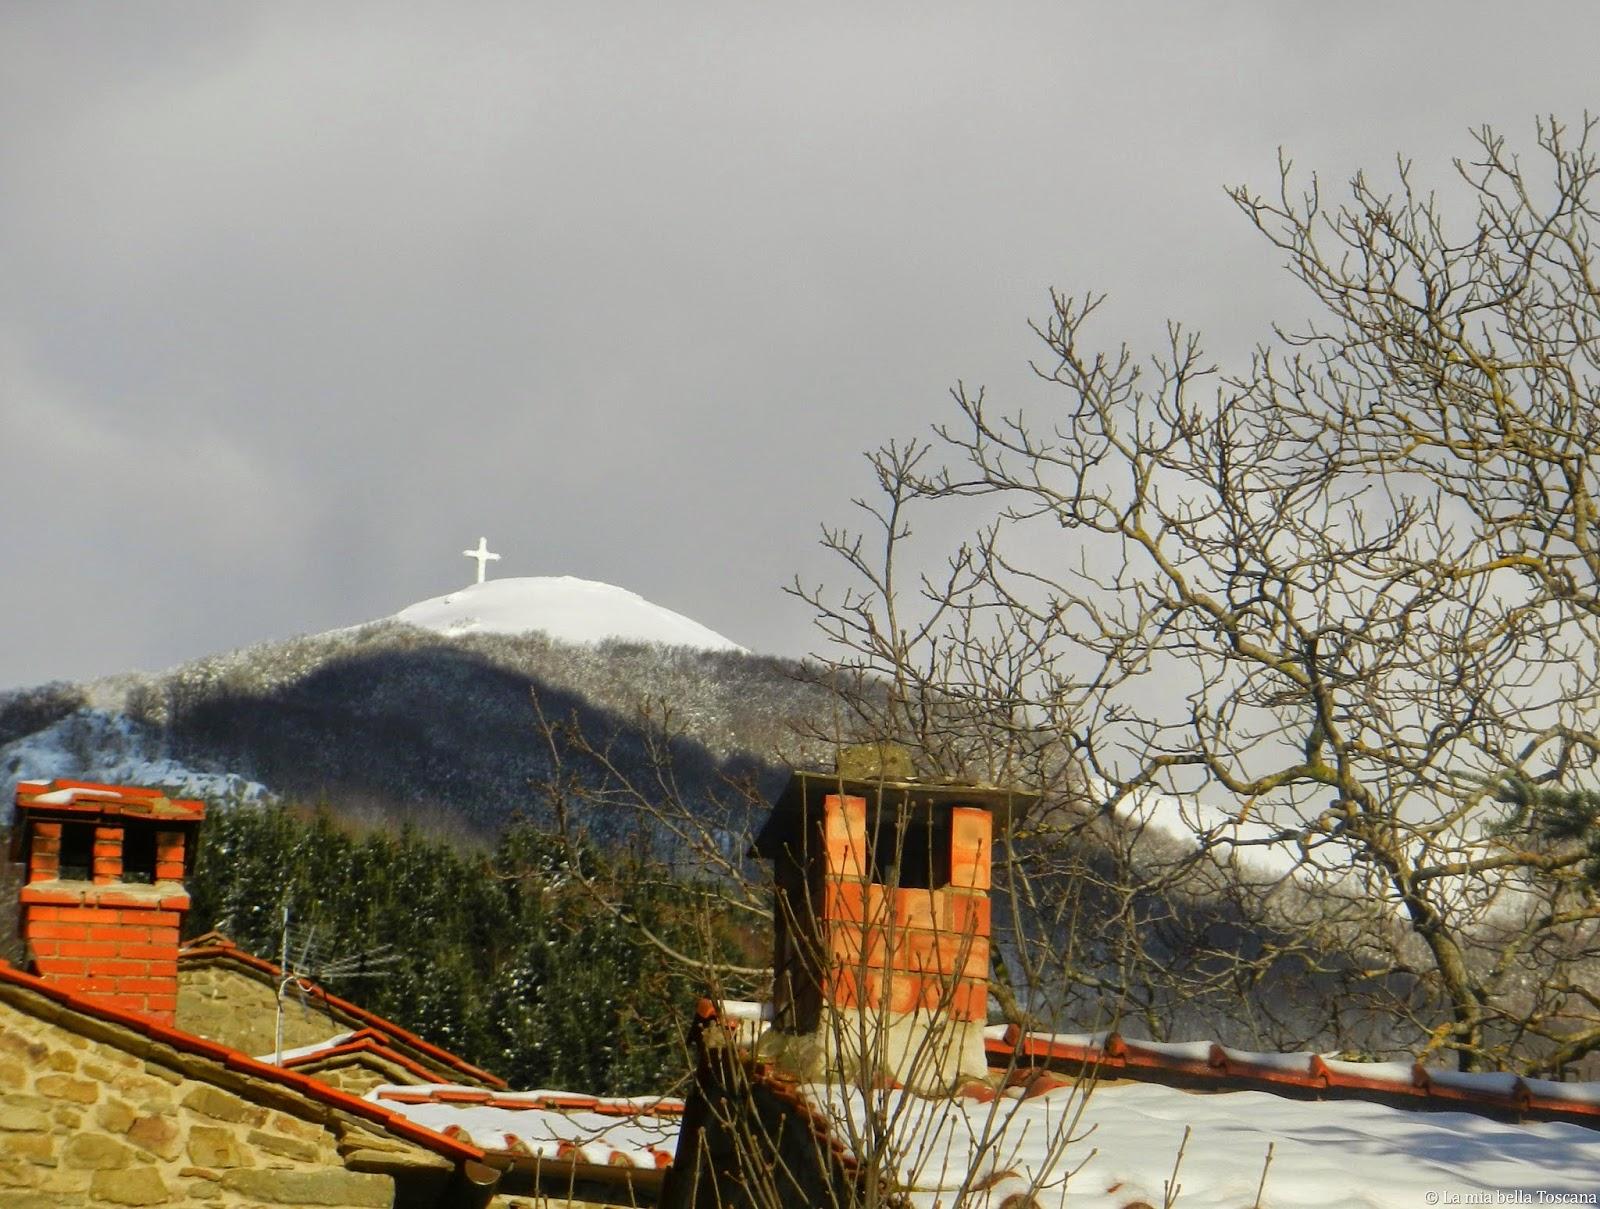 Croce del Pratomagno, Valdarno, Toscana